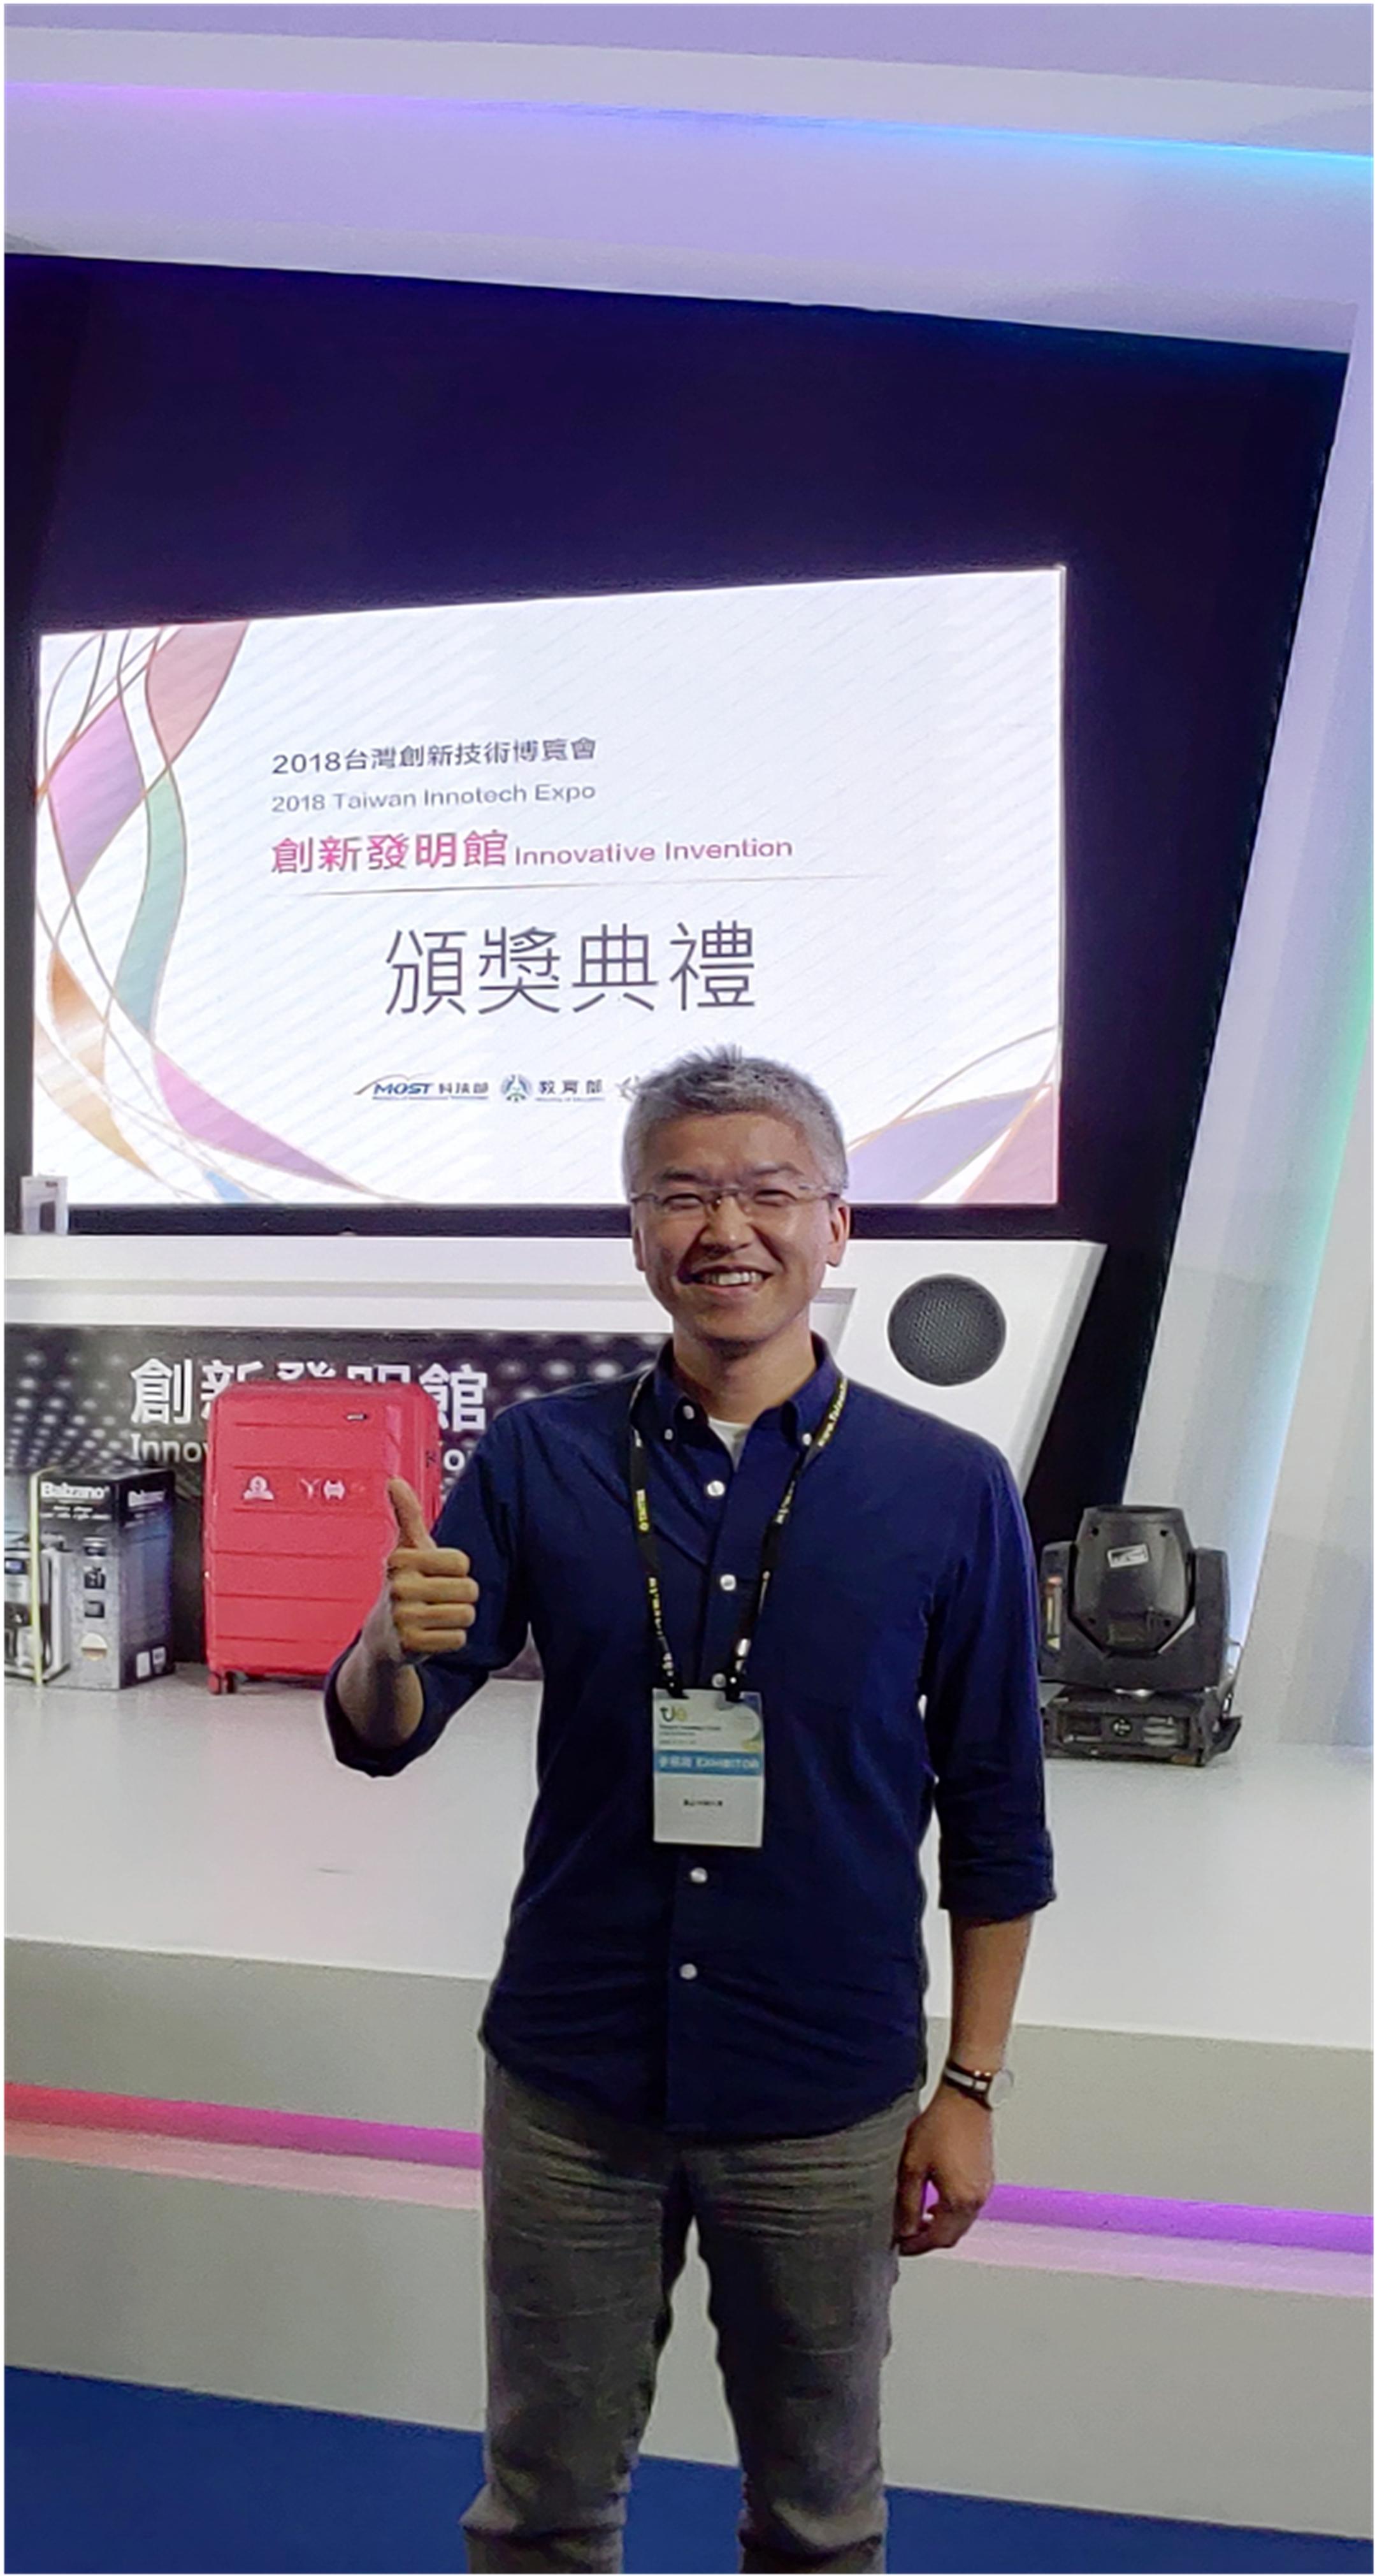 2018臺灣創新技術博覽會(中興大學溫志煜教授)